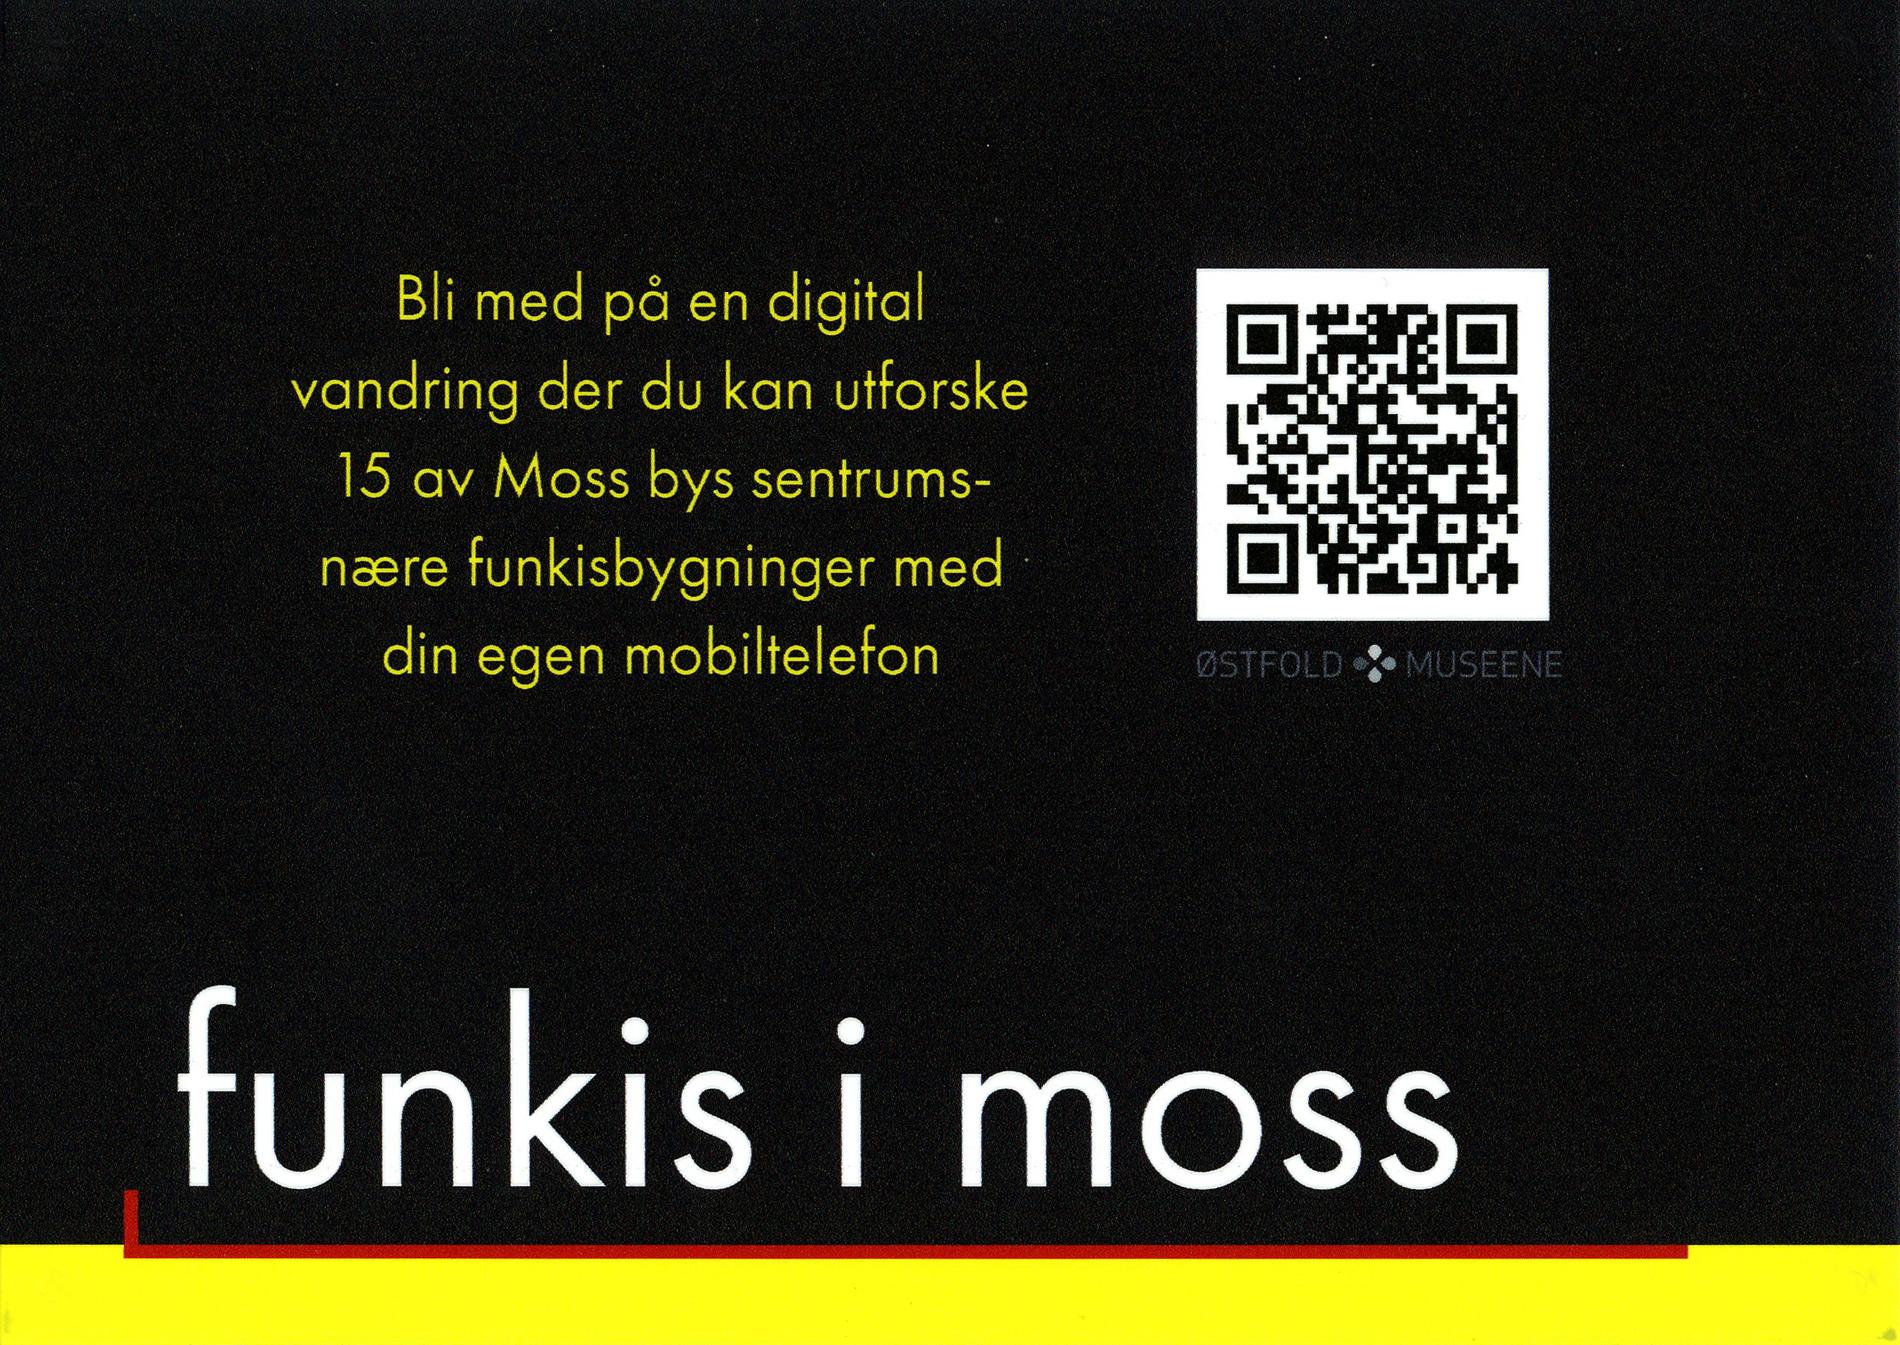 Informasjonsskilt om funkisvandring i Moss